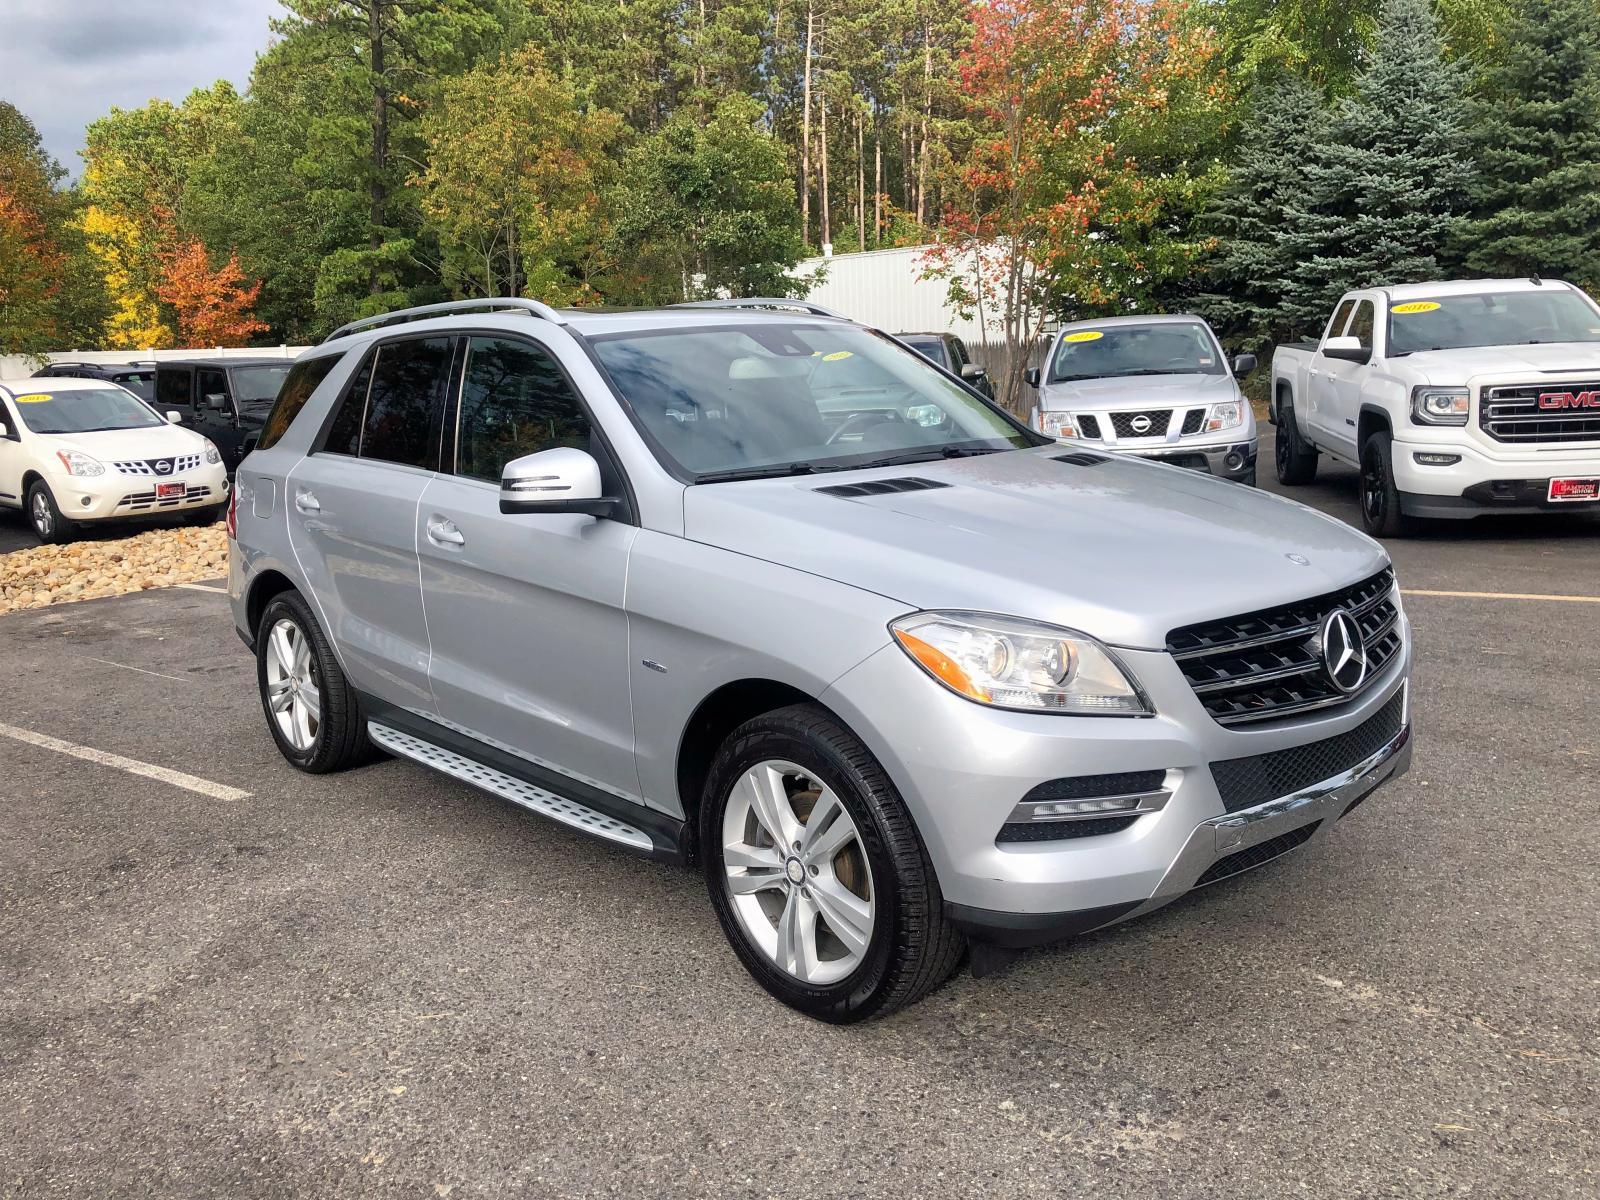 4JGDA5HB3CA031545 - 2012 Mercedes-Benz Ml 350 4Ma 3.5L Right View